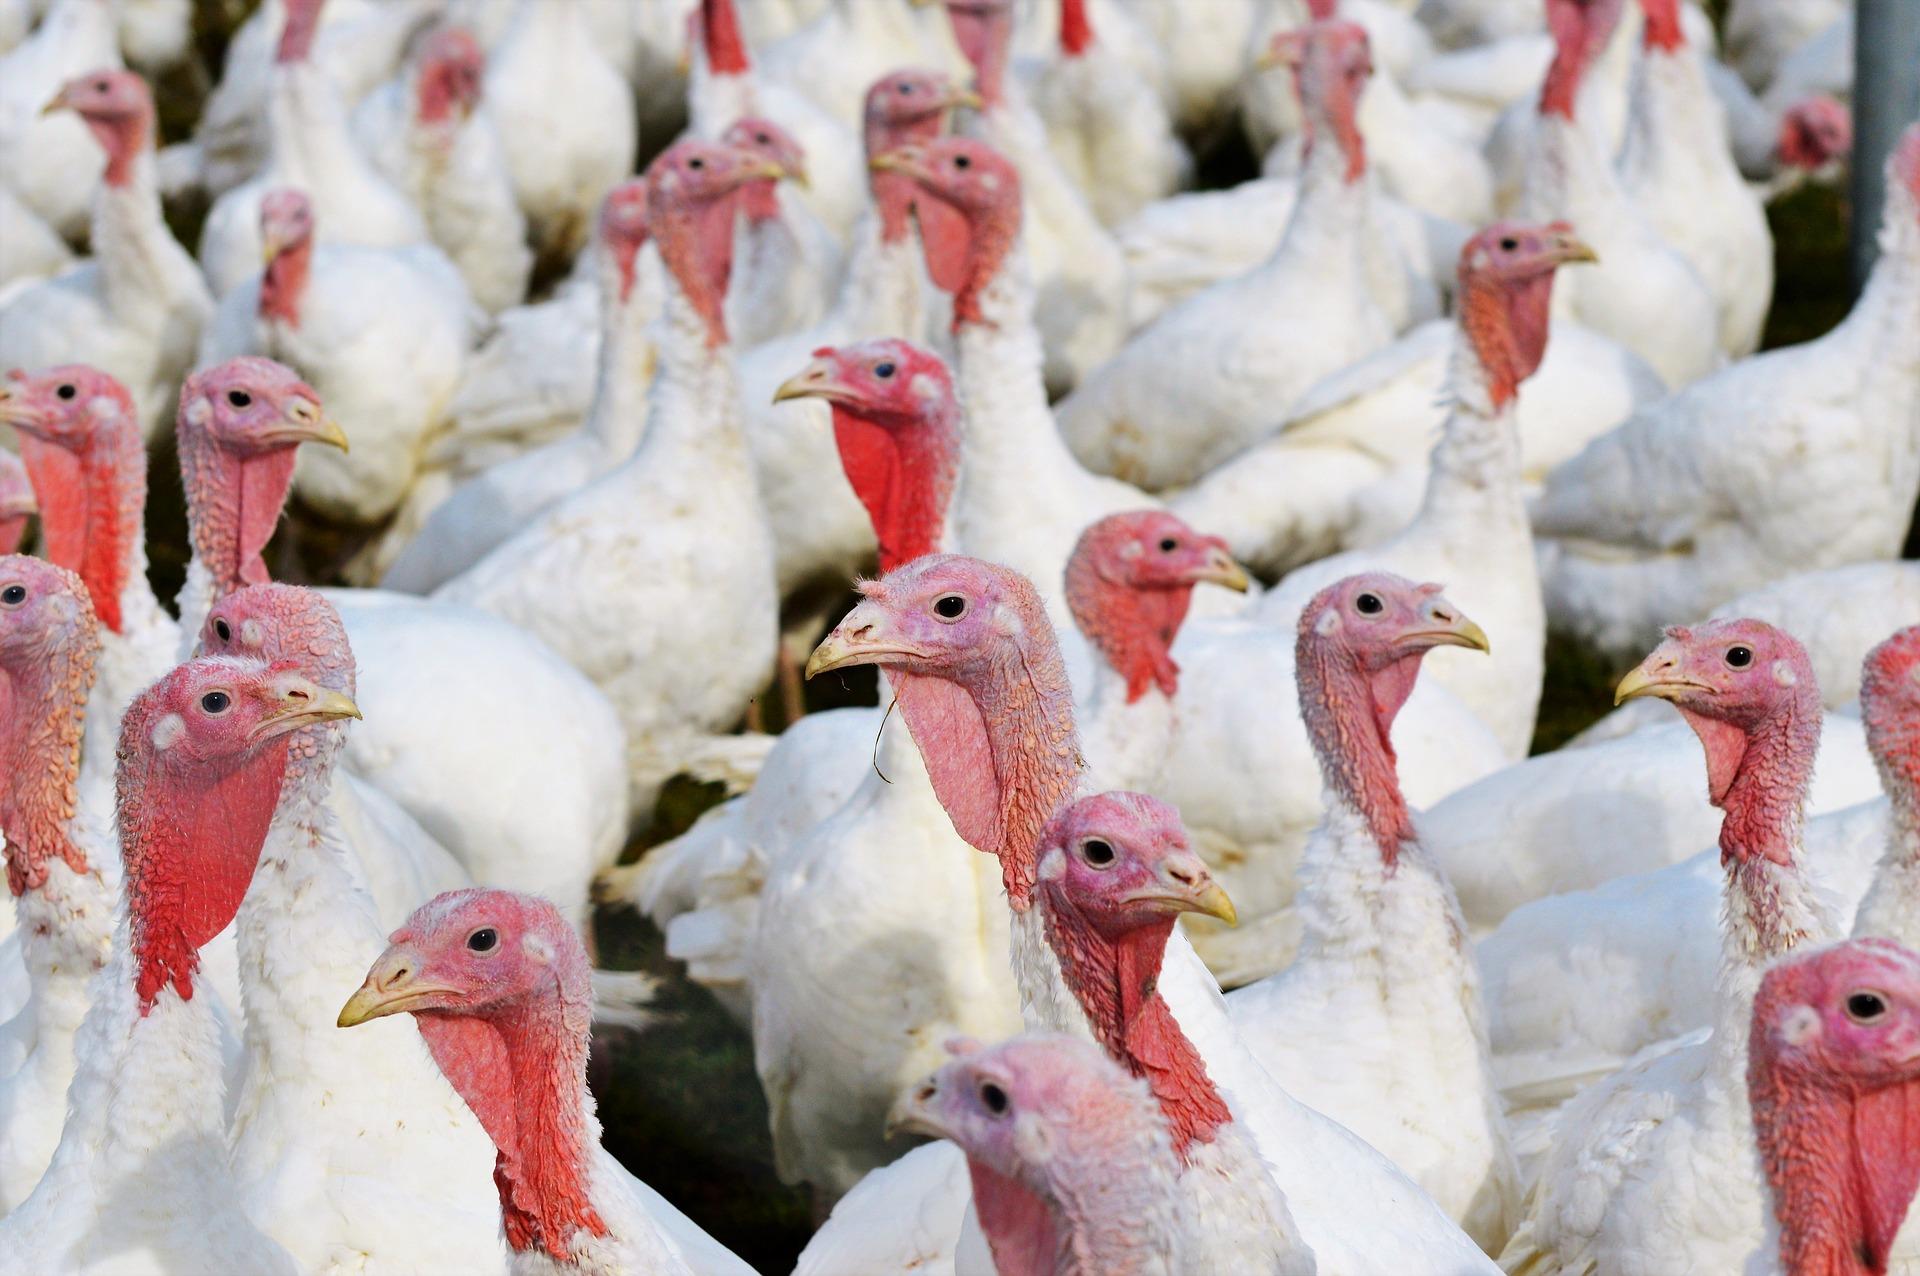 Từ thời tổng thống Harry Truman, cứ mỗi vị tổng thống sẽ ân xá cho một con gà tây trong ngày Lễ Tạ Ơn